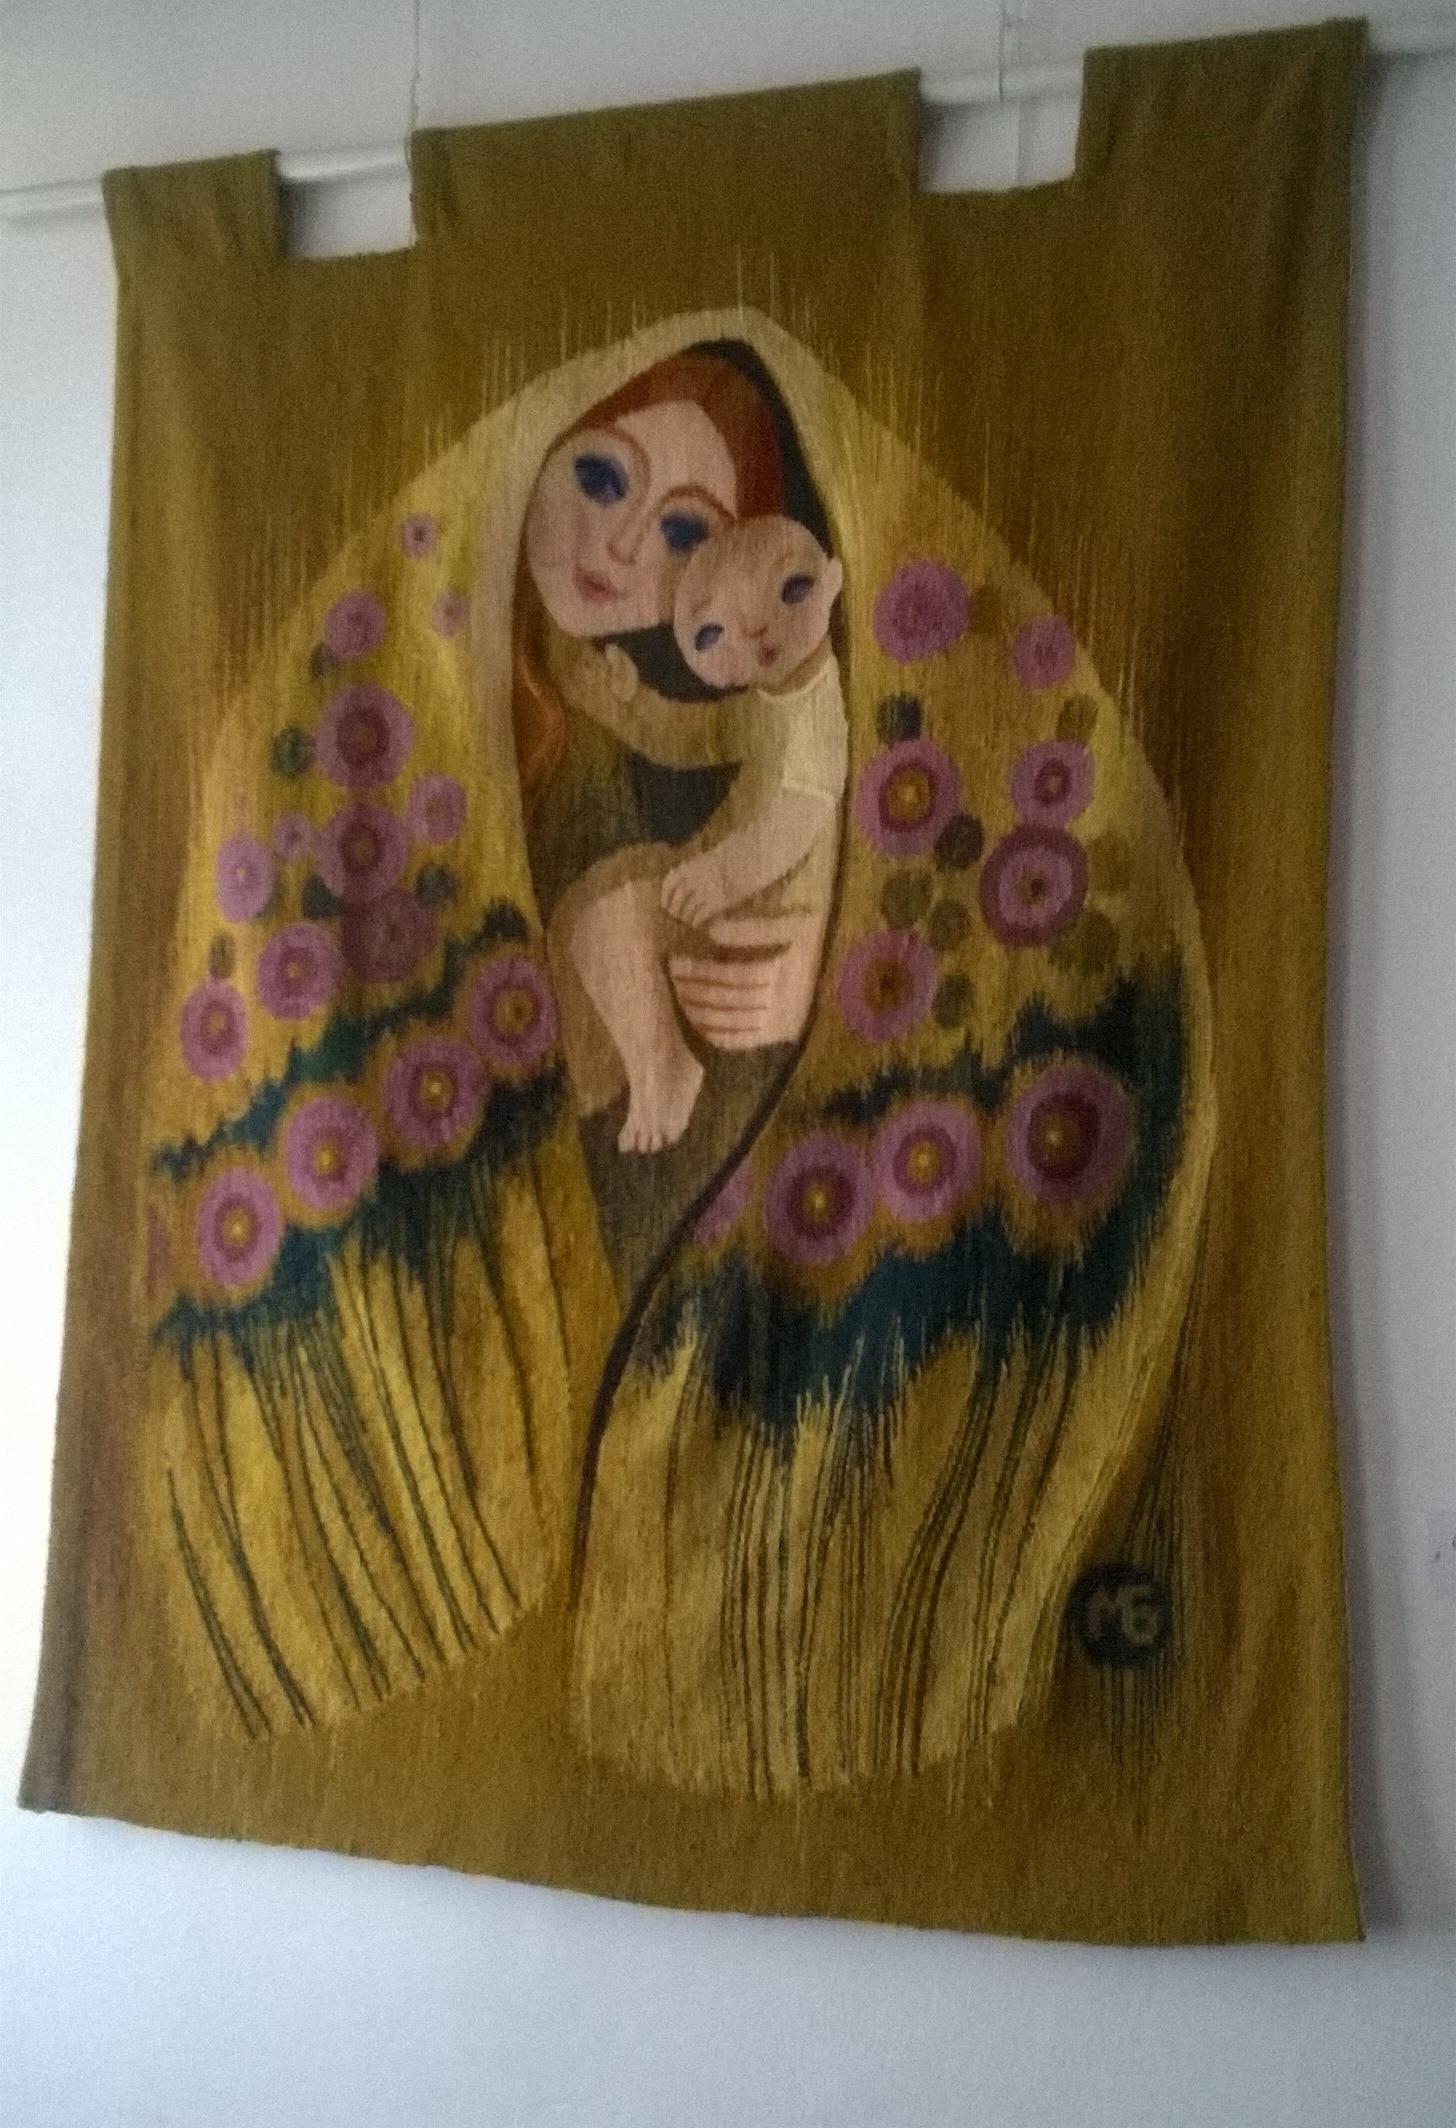 Гобелен. Бойковская мадонна, ручное ткачество, шерсть 1994 - 2